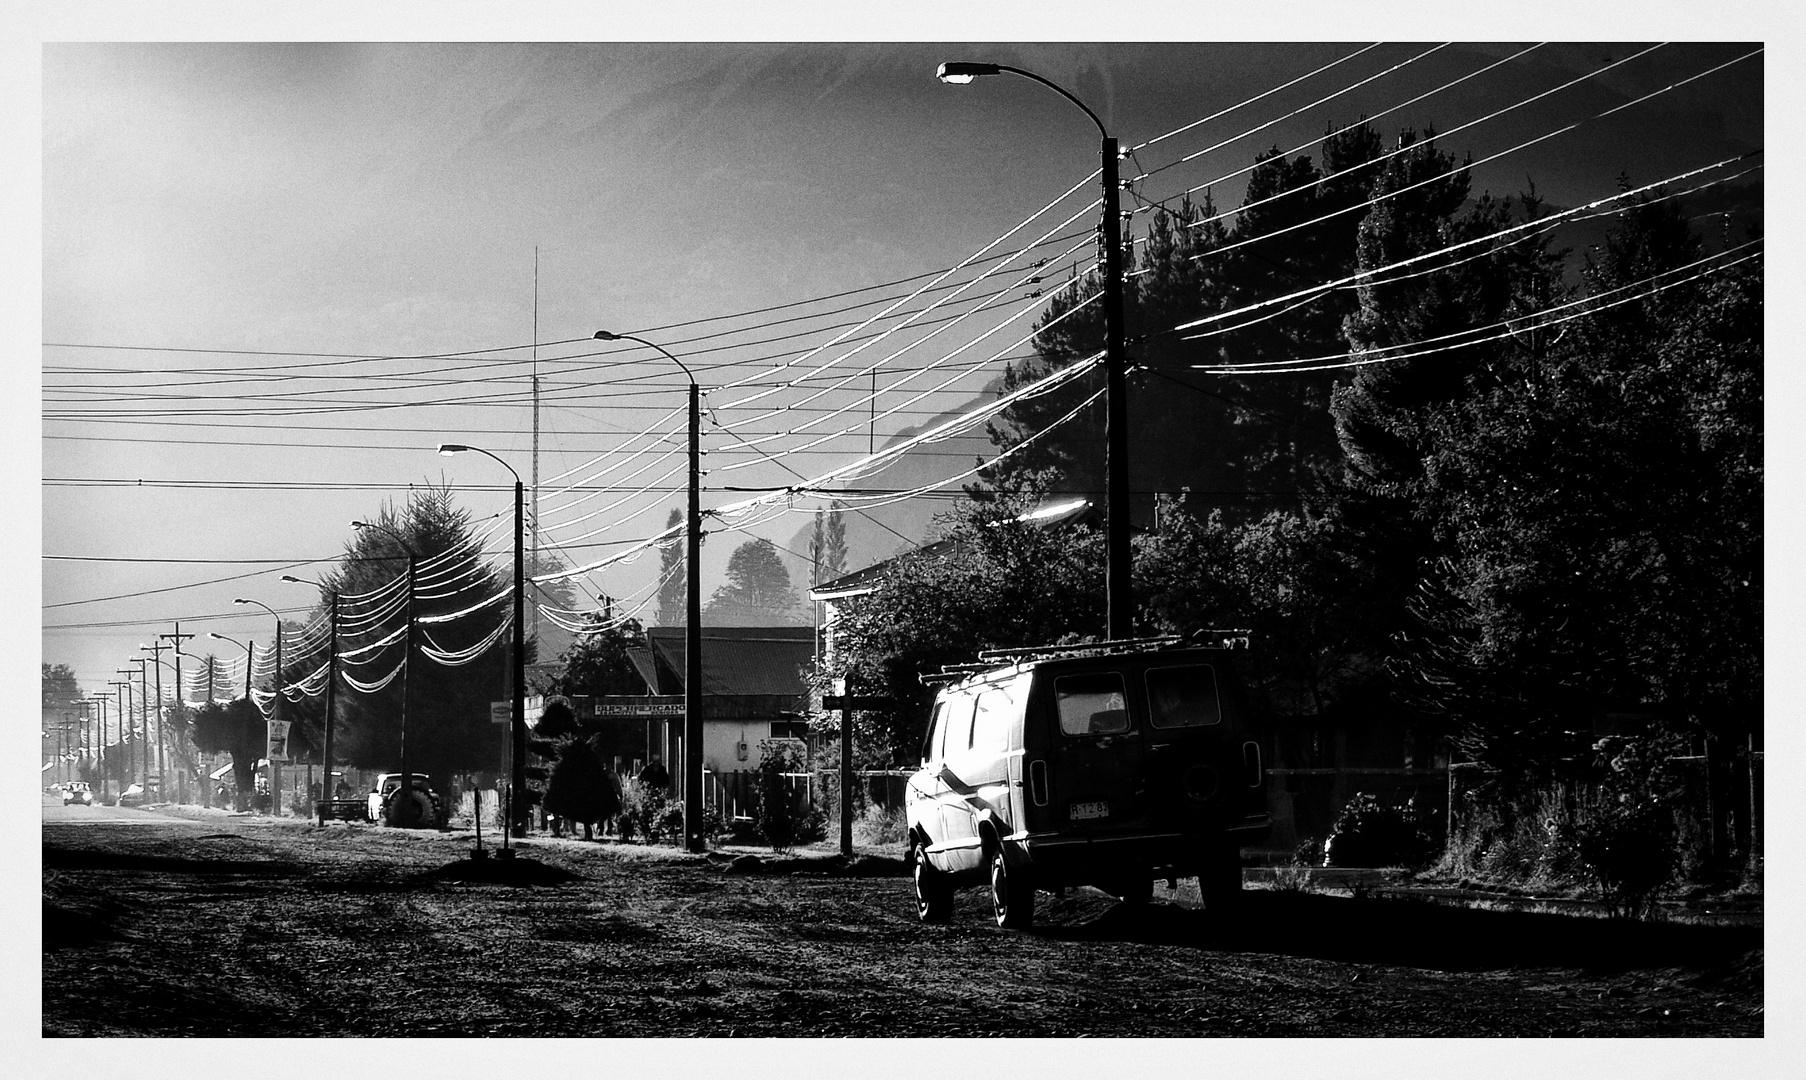 Die Straße am Morgen mit dem Auto ...